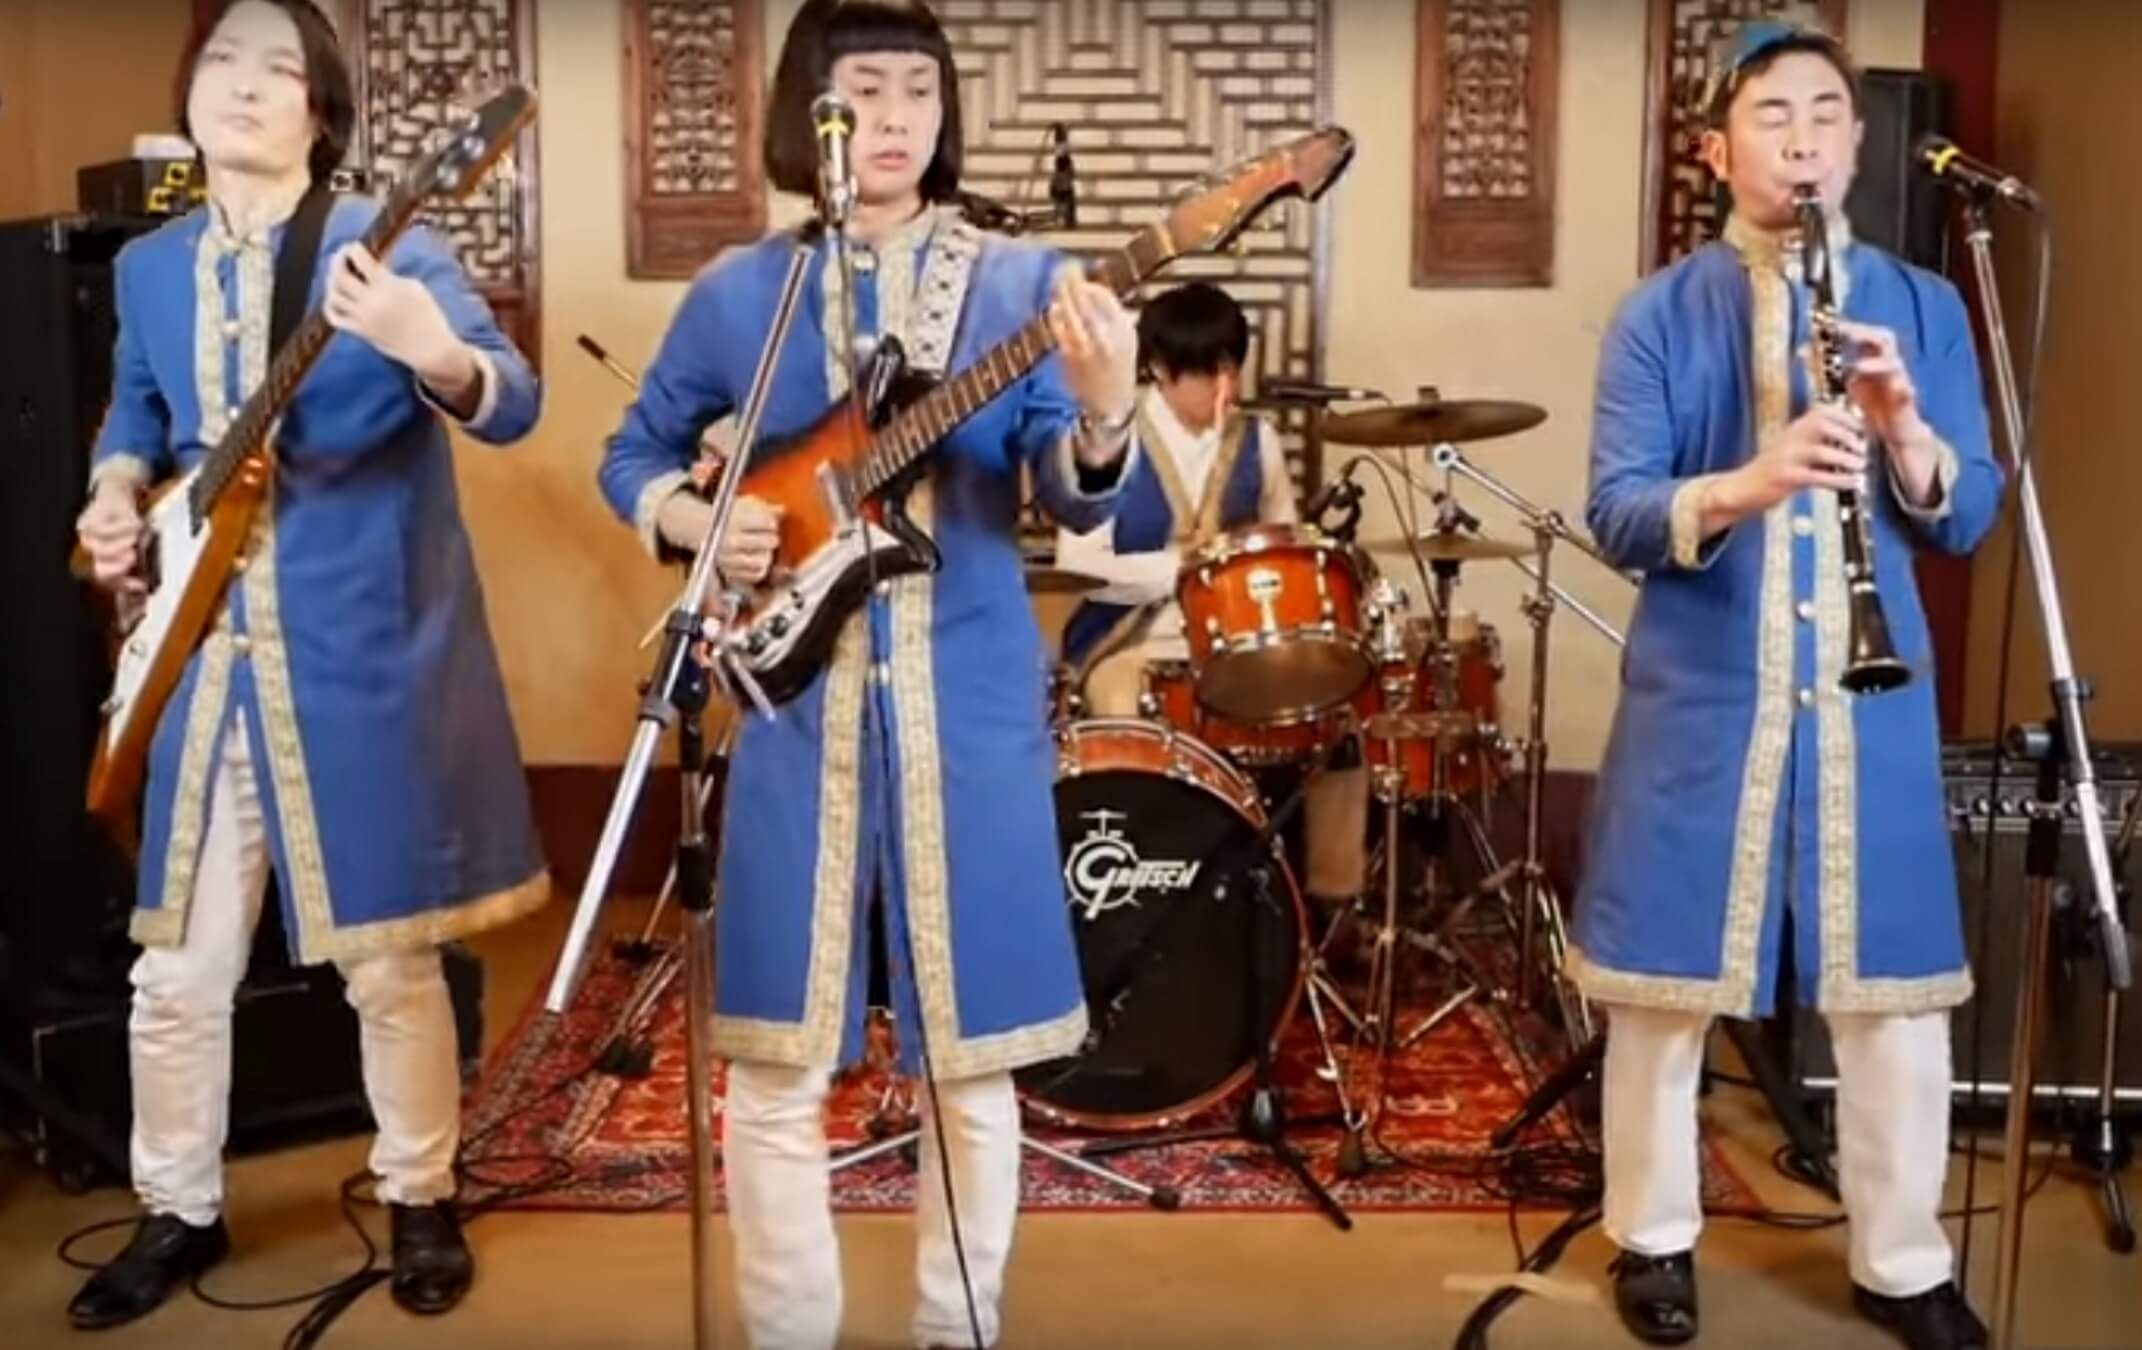 """Γιαπωνέζοι τραγουδούν τα """"Καγκέλια"""" και γονατίζουν το ίντερνετ"""